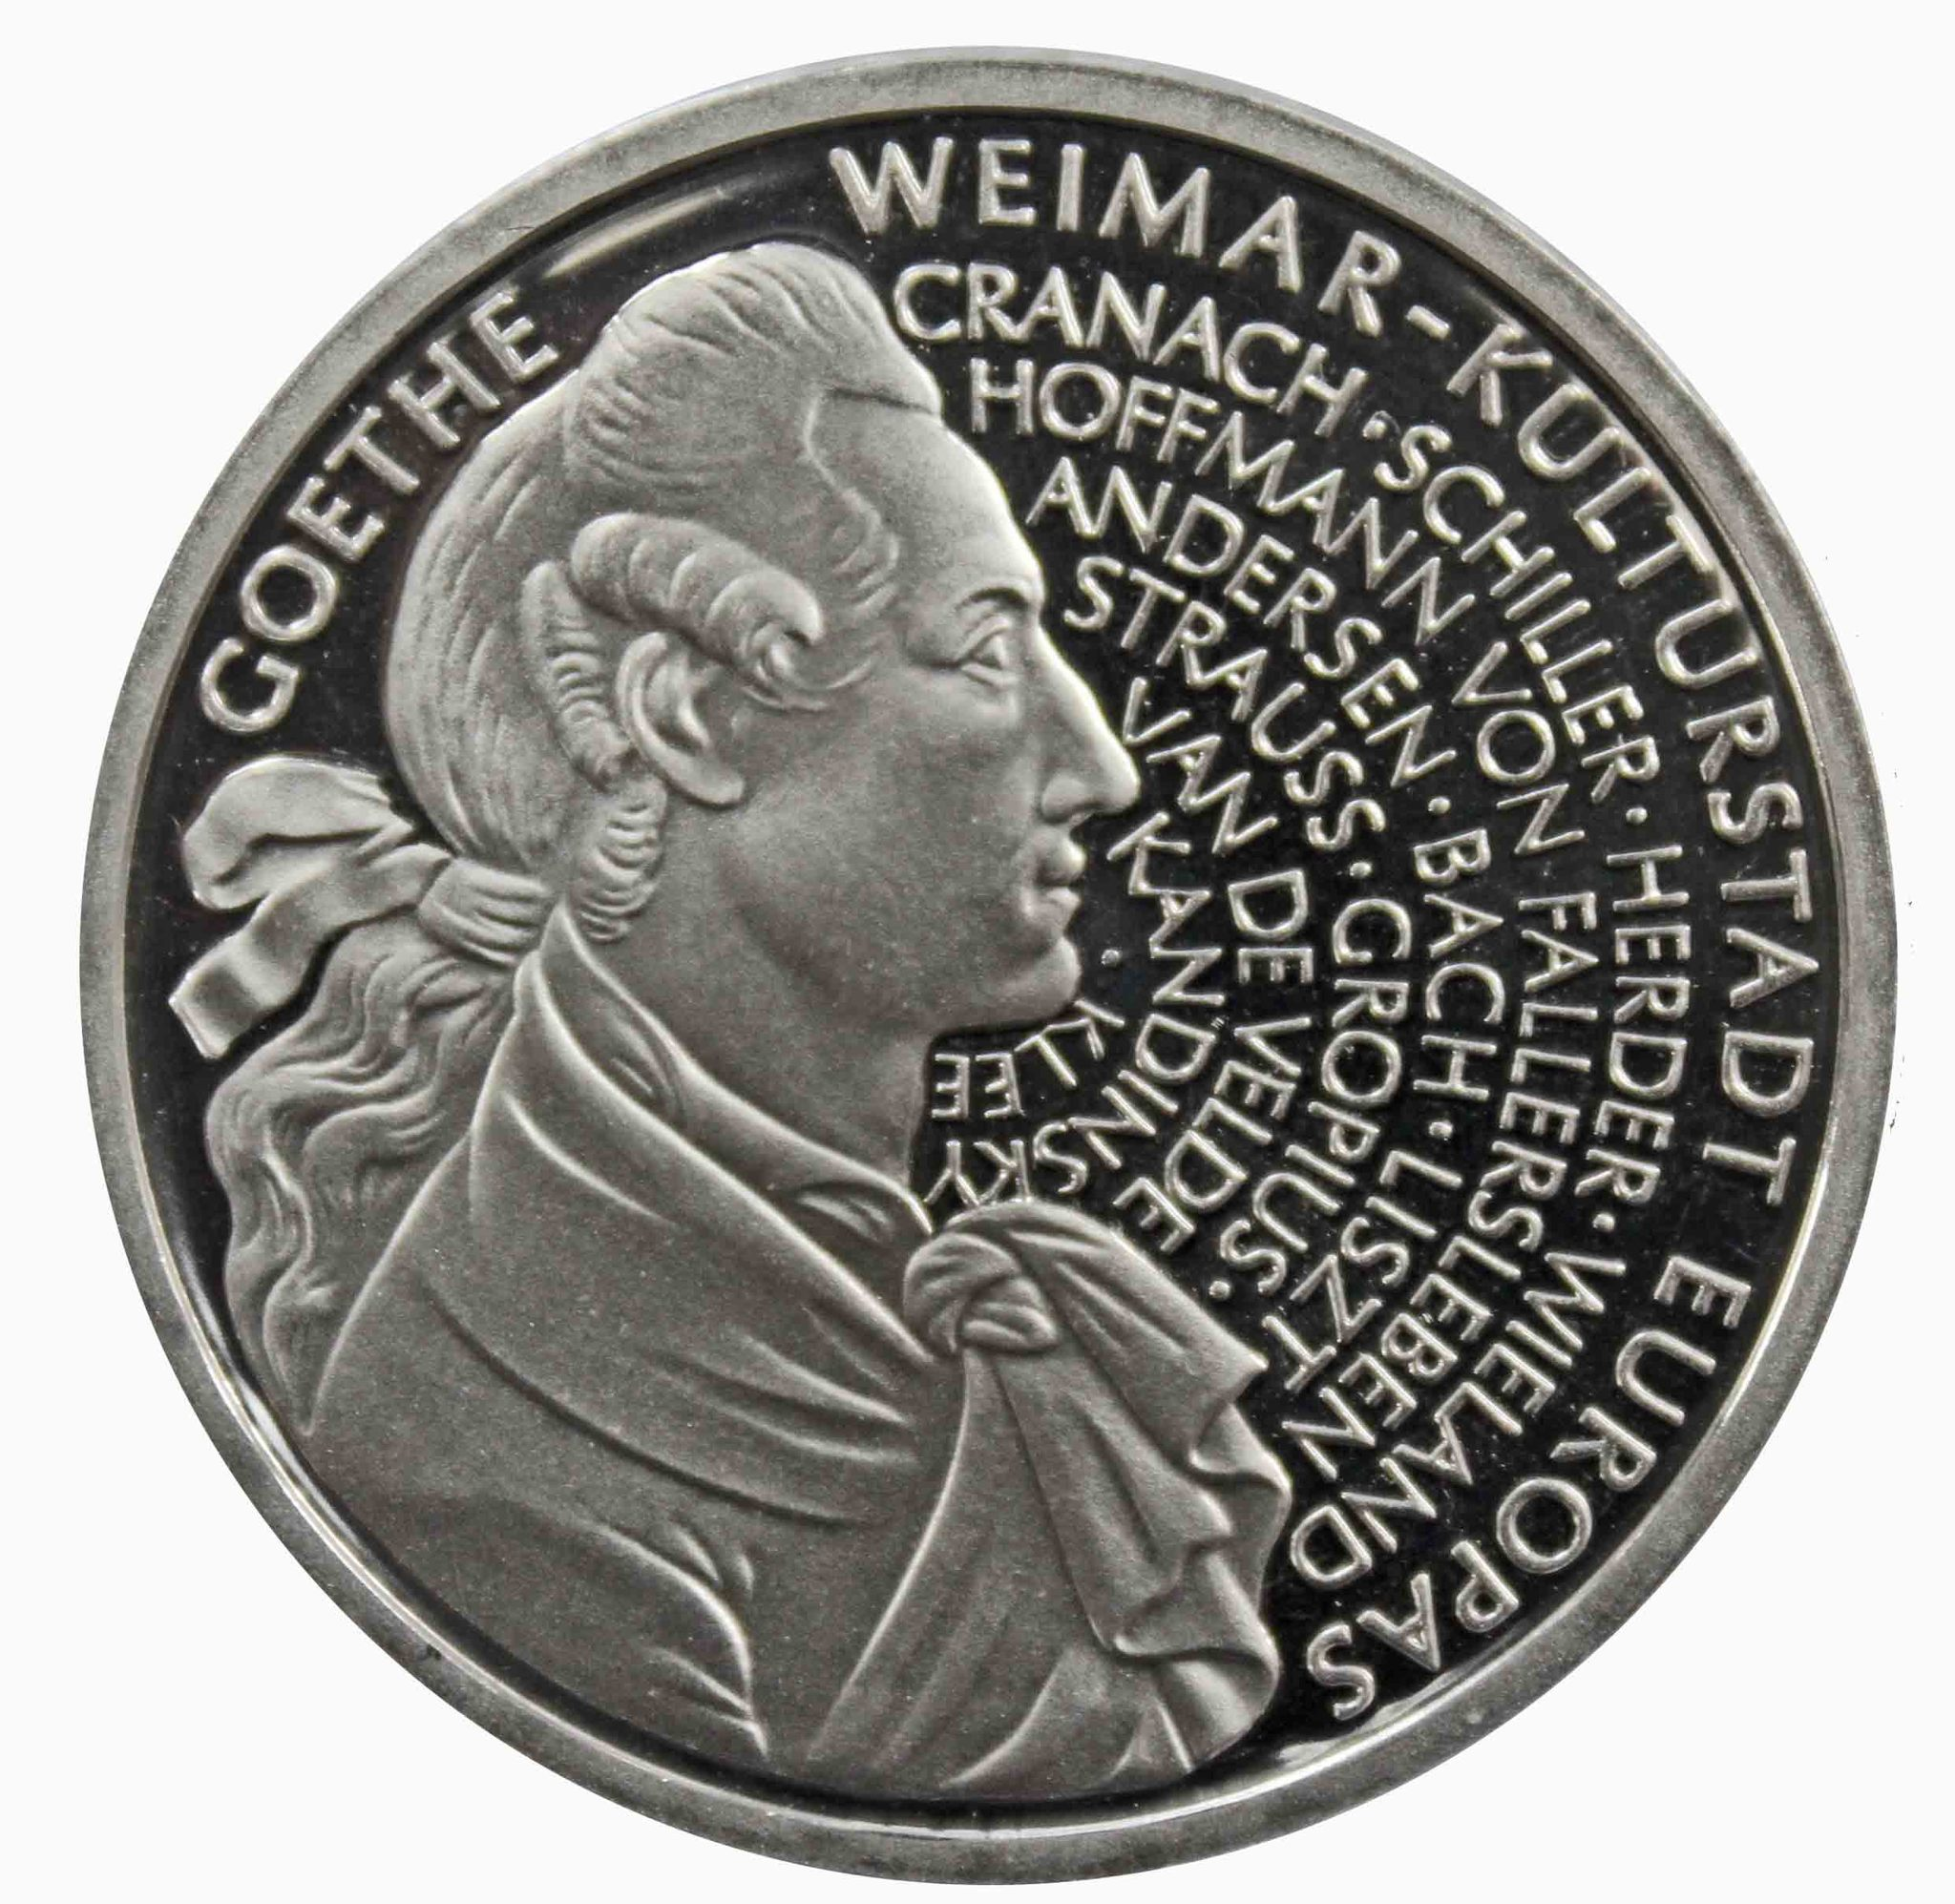 10 марок. 250 лет со дня рождения Иоганна Вольфганга фон Гете (J). Серебро. 1999 г. PROOF. В родной запайке